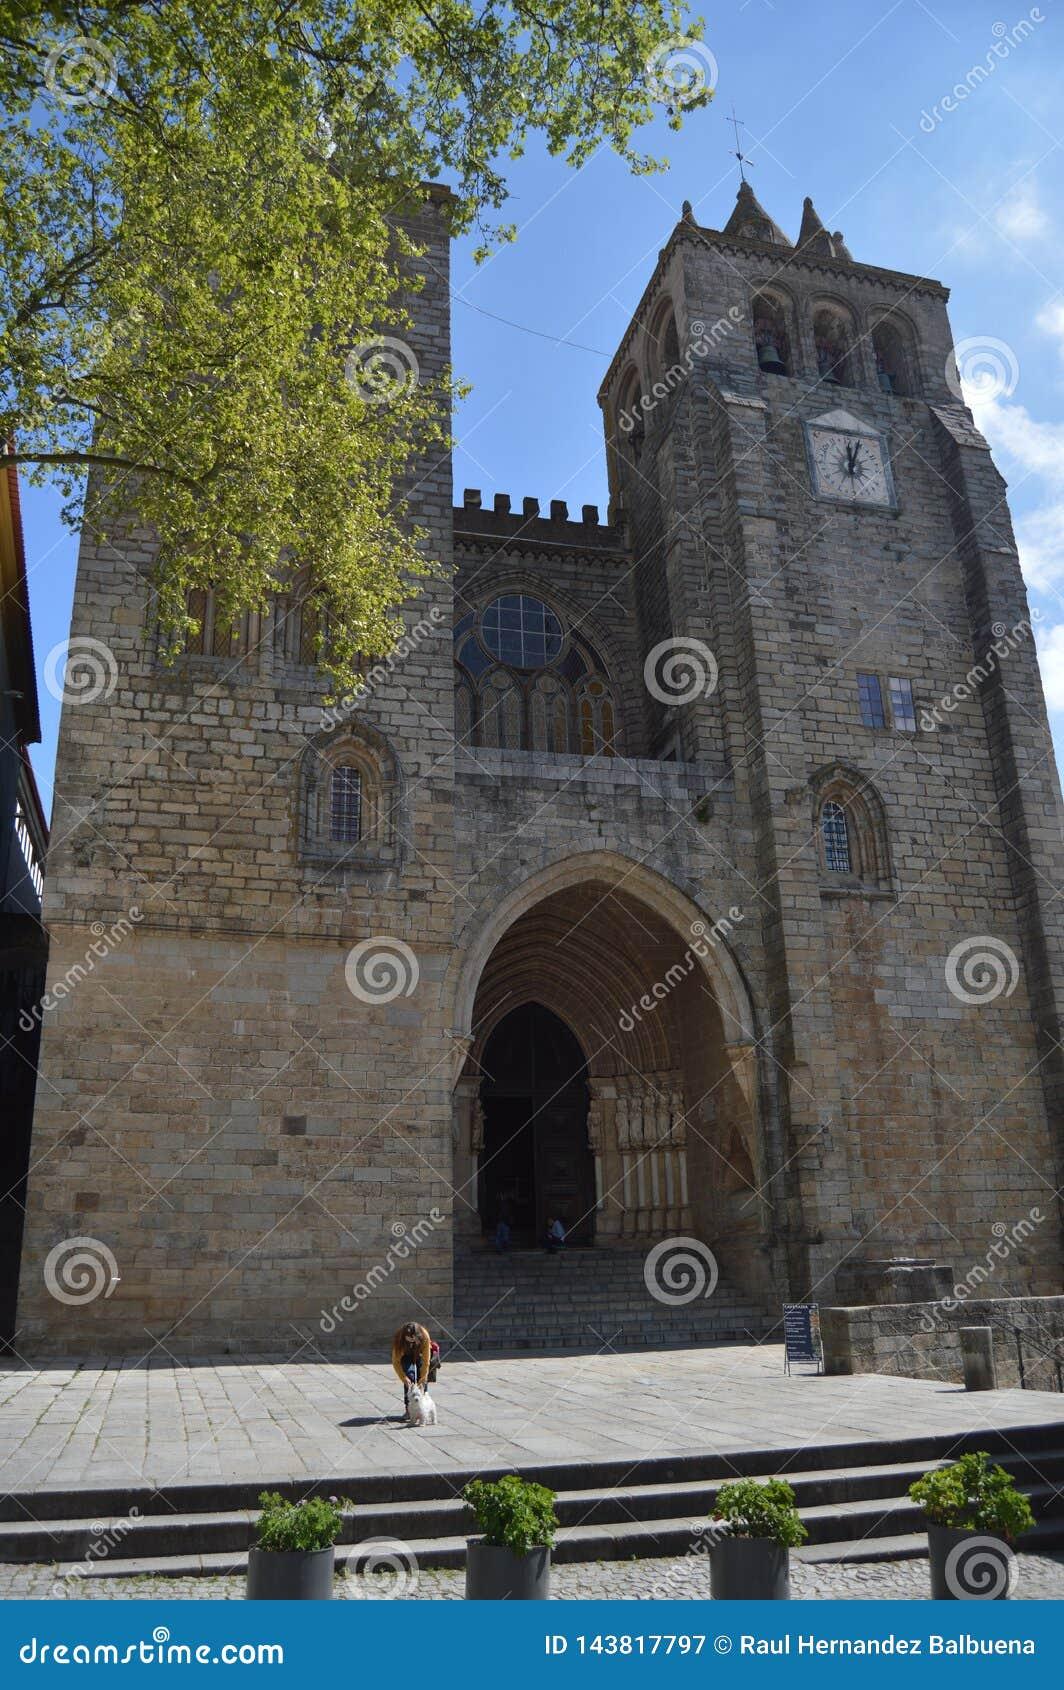 HoofddieVoorgevel van de Kathedraal in de XII Eeuw Gewijd aan Maagdelijke Mary in Evora wordt gedateerd Aard, Architectuur, Gesch